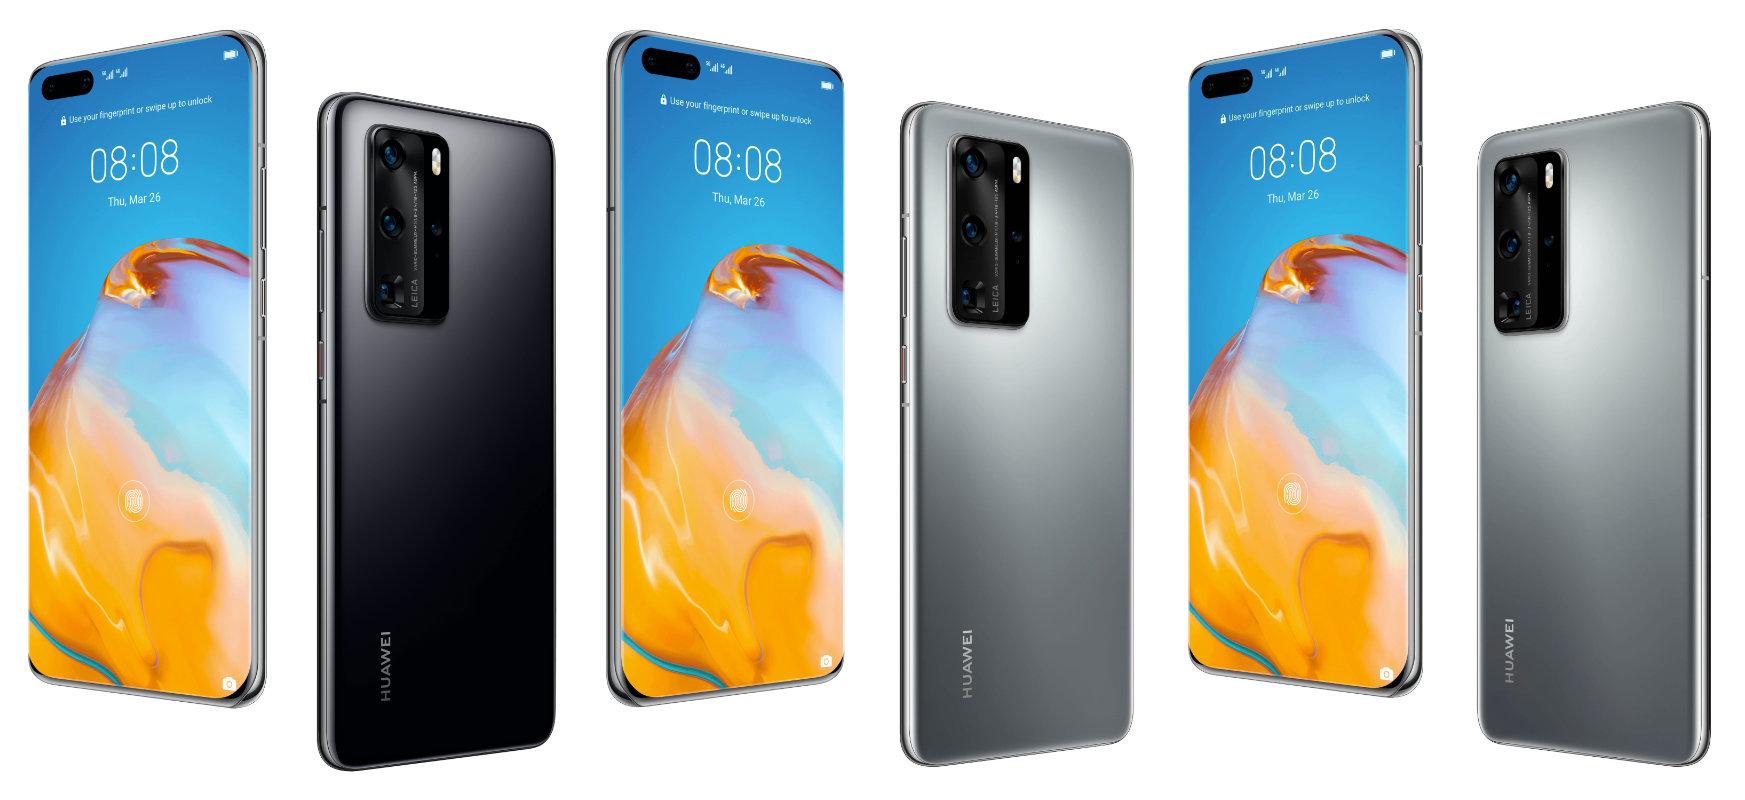 DxOren arabera, historiako kamerarik onena duen Huawei P40 Pro.  Emaitza hau nondik atera den azaltzen dugu